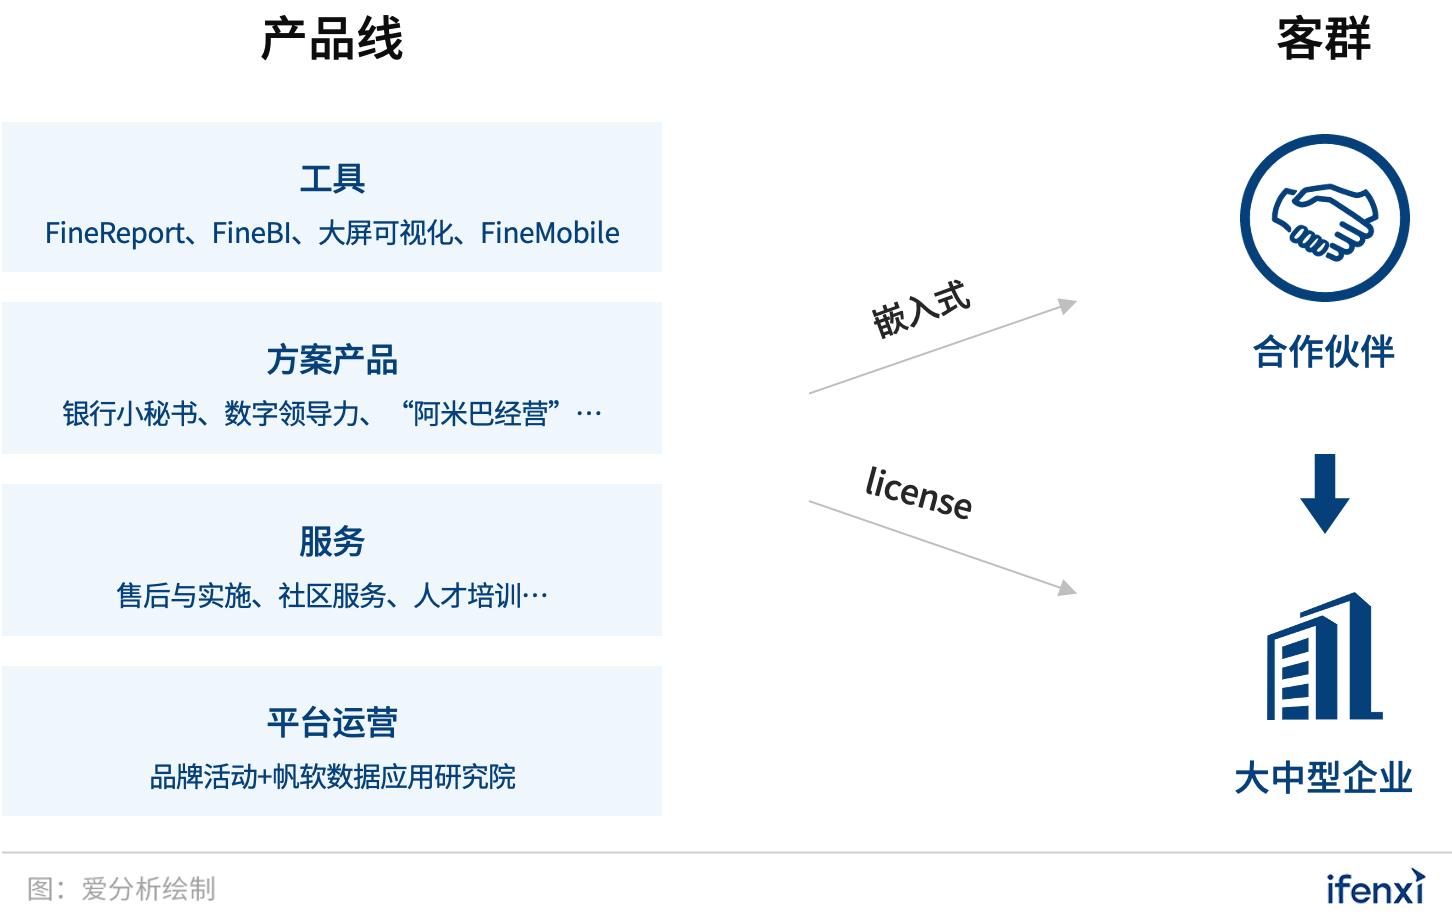 累计付费客户超万家,这家BI厂商如何布局未来   爱分析调研-爱分析ifenxi